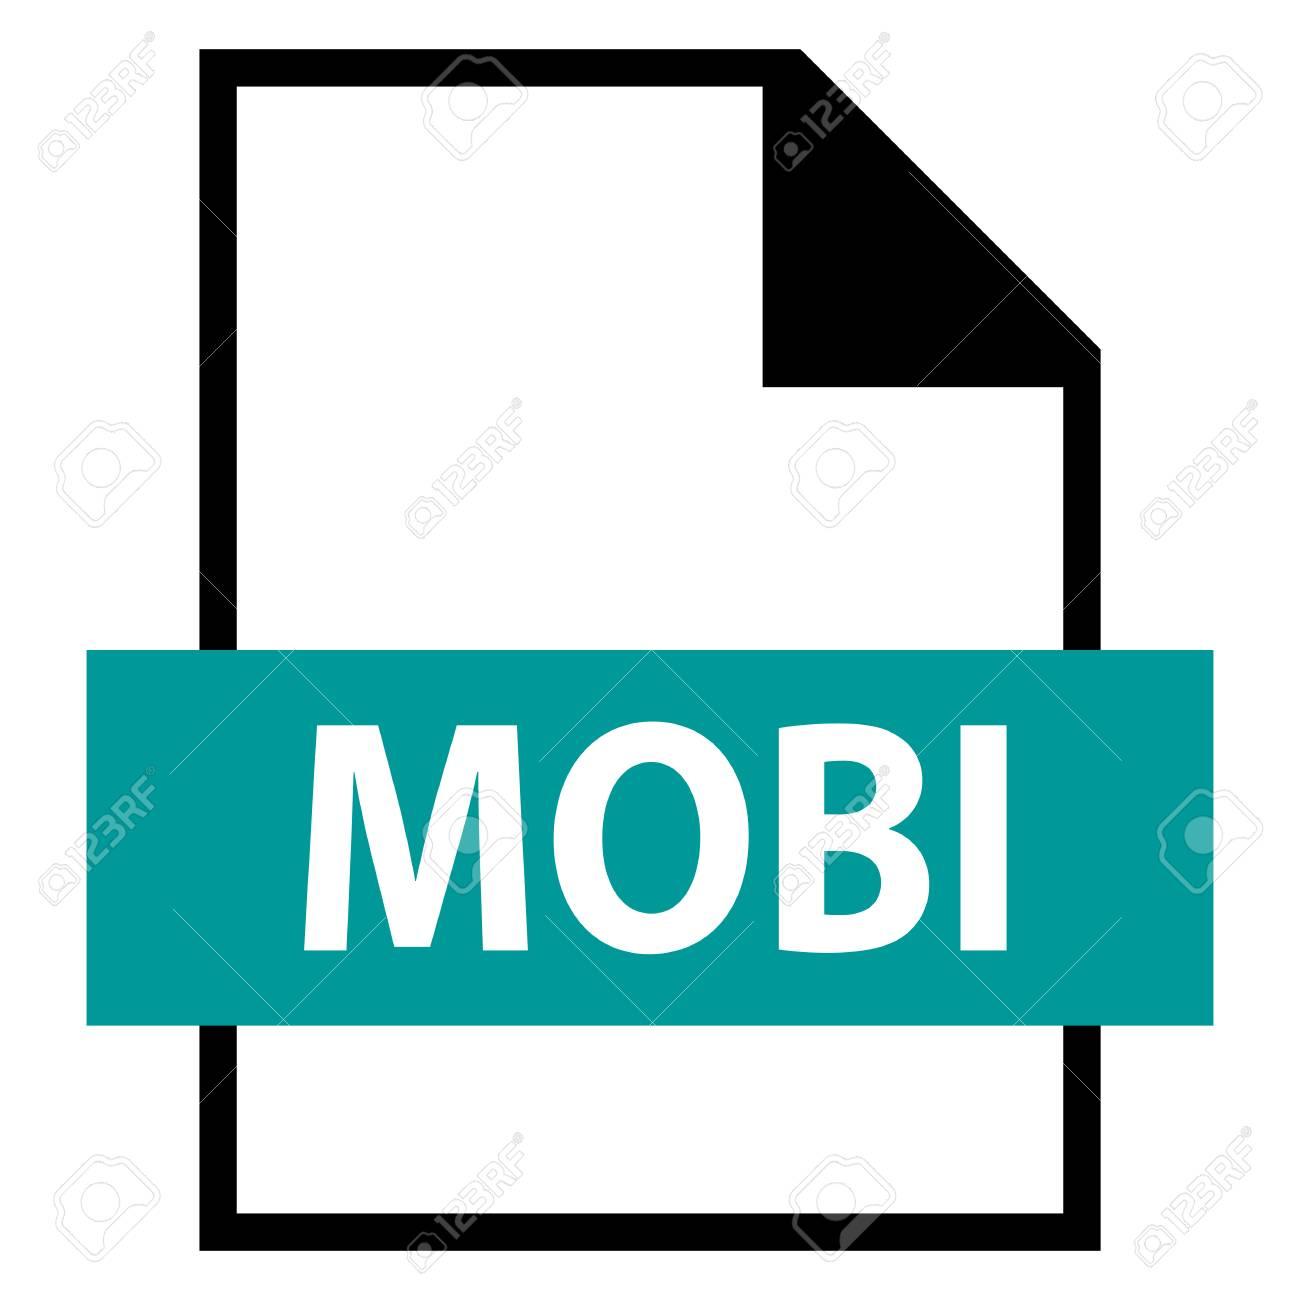 bok file extension gratuit